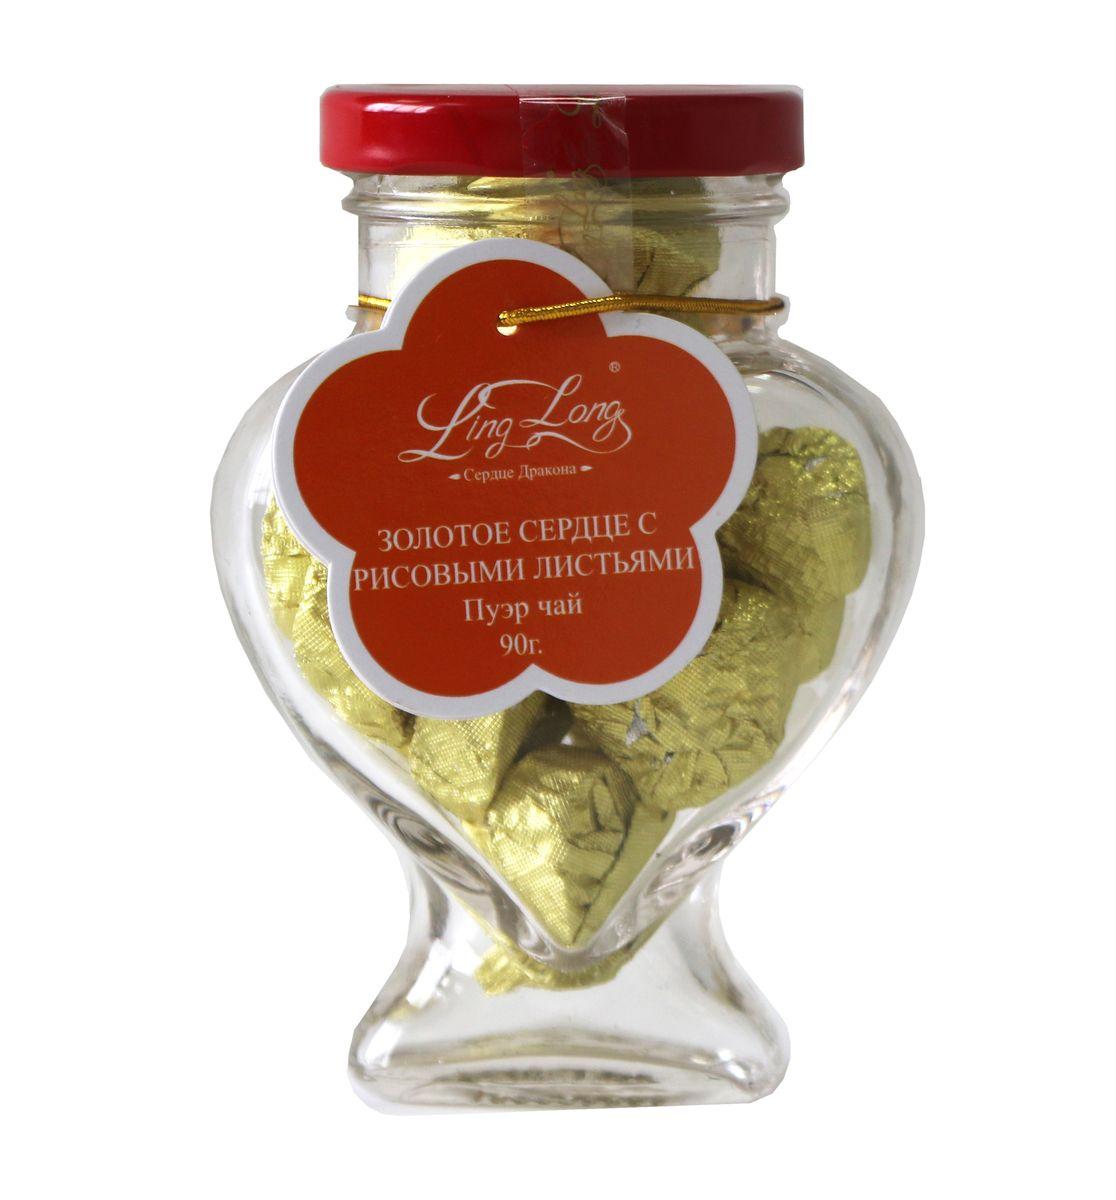 Ling Long Золотое сердце с рисовыми листьями черный листовой чай пуэр, 90 г (стеклянная банка)1583LYЧай чёрный Пуэр байховый китайский крупнолистовой Ling Long Золотое сердце с рисовыми листьями. Спрессован в форме сердечка. Такой чай станет отличным подарком друзьям или близким.